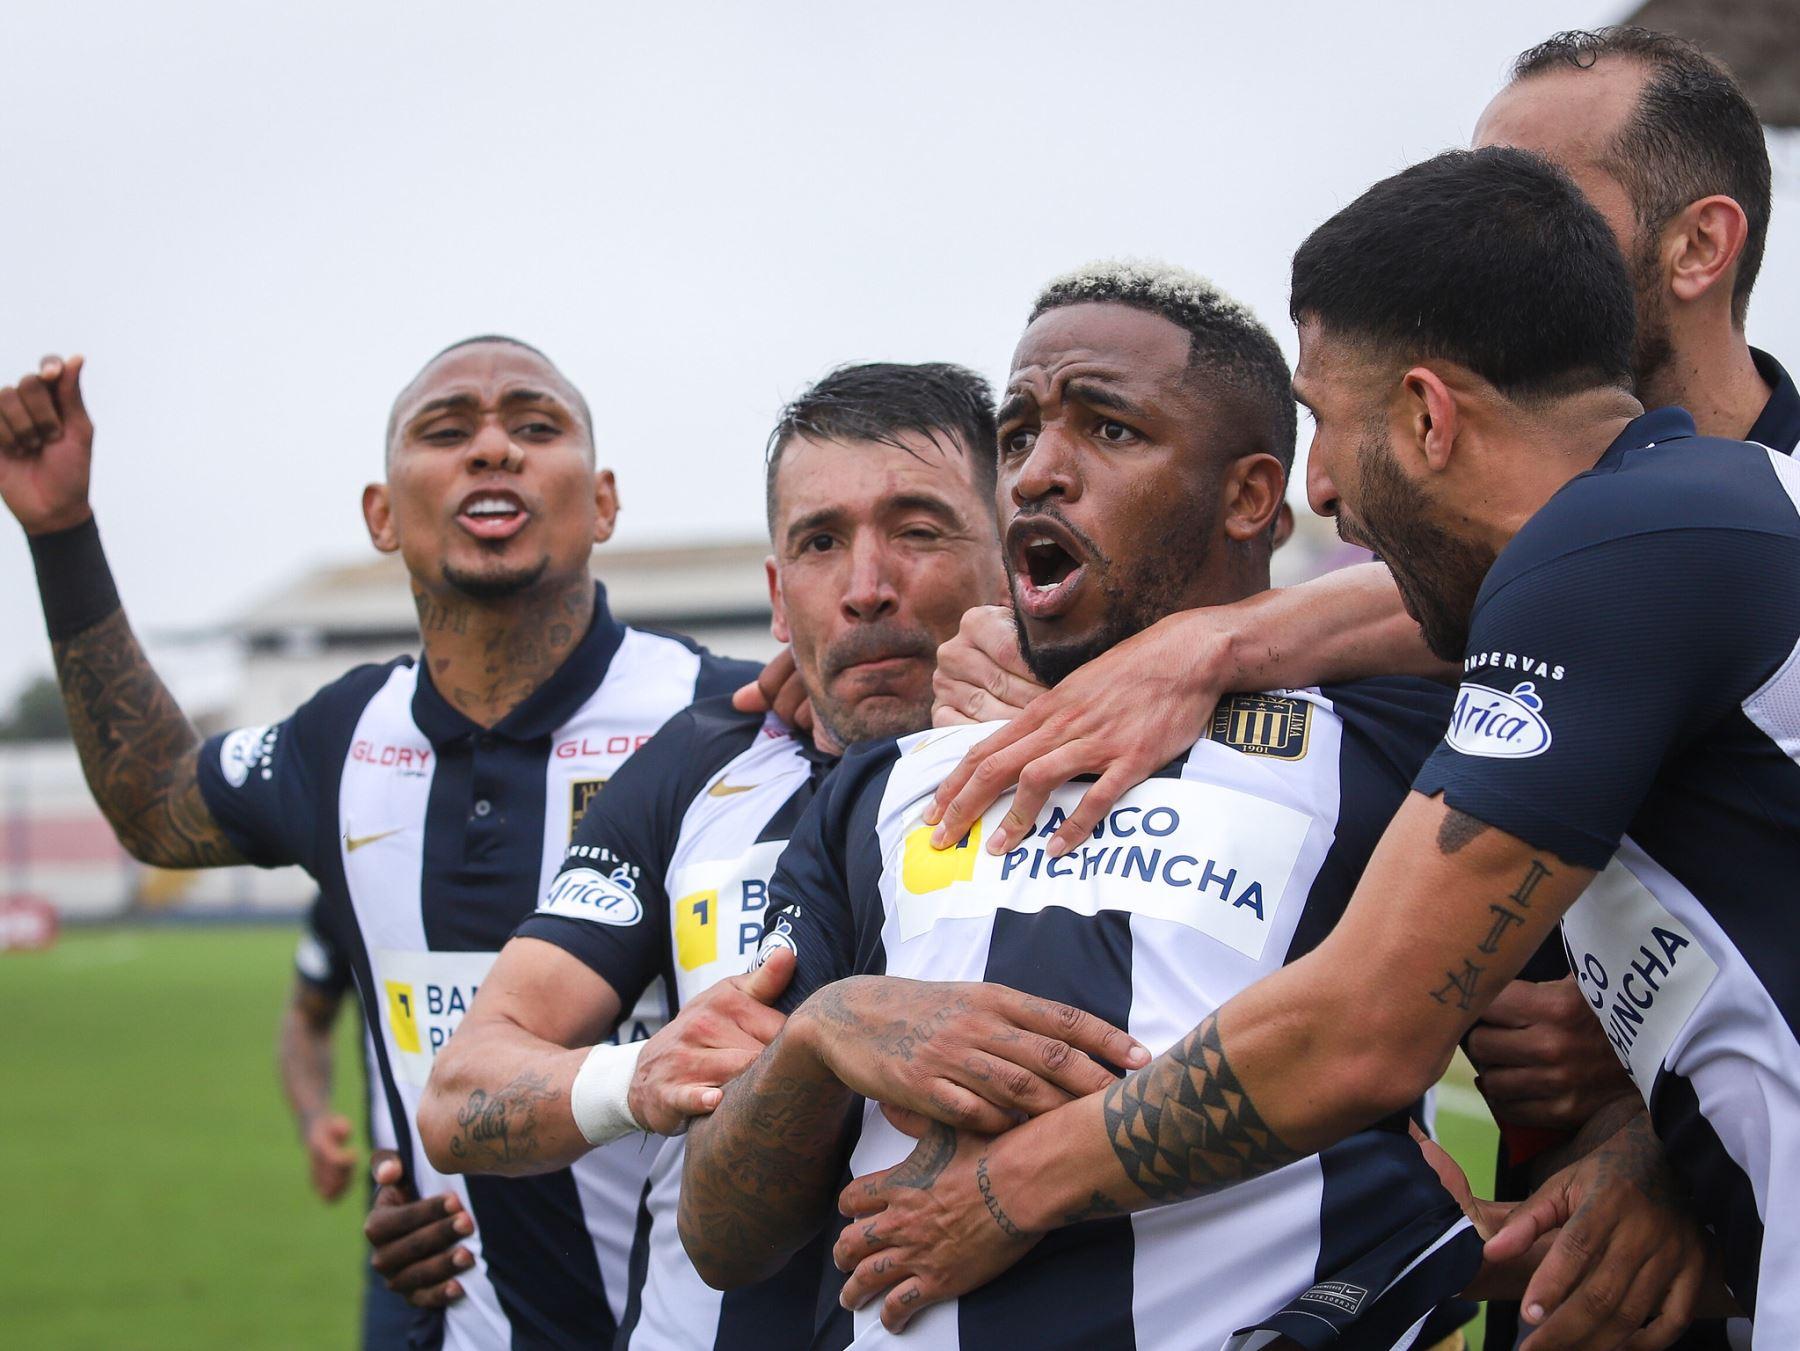 Jefferson Farfán fue la gran figura de la jornada 10 de la Fase 2 al darle el triunfo a Alianza Lima en el último partido frente al Binacional